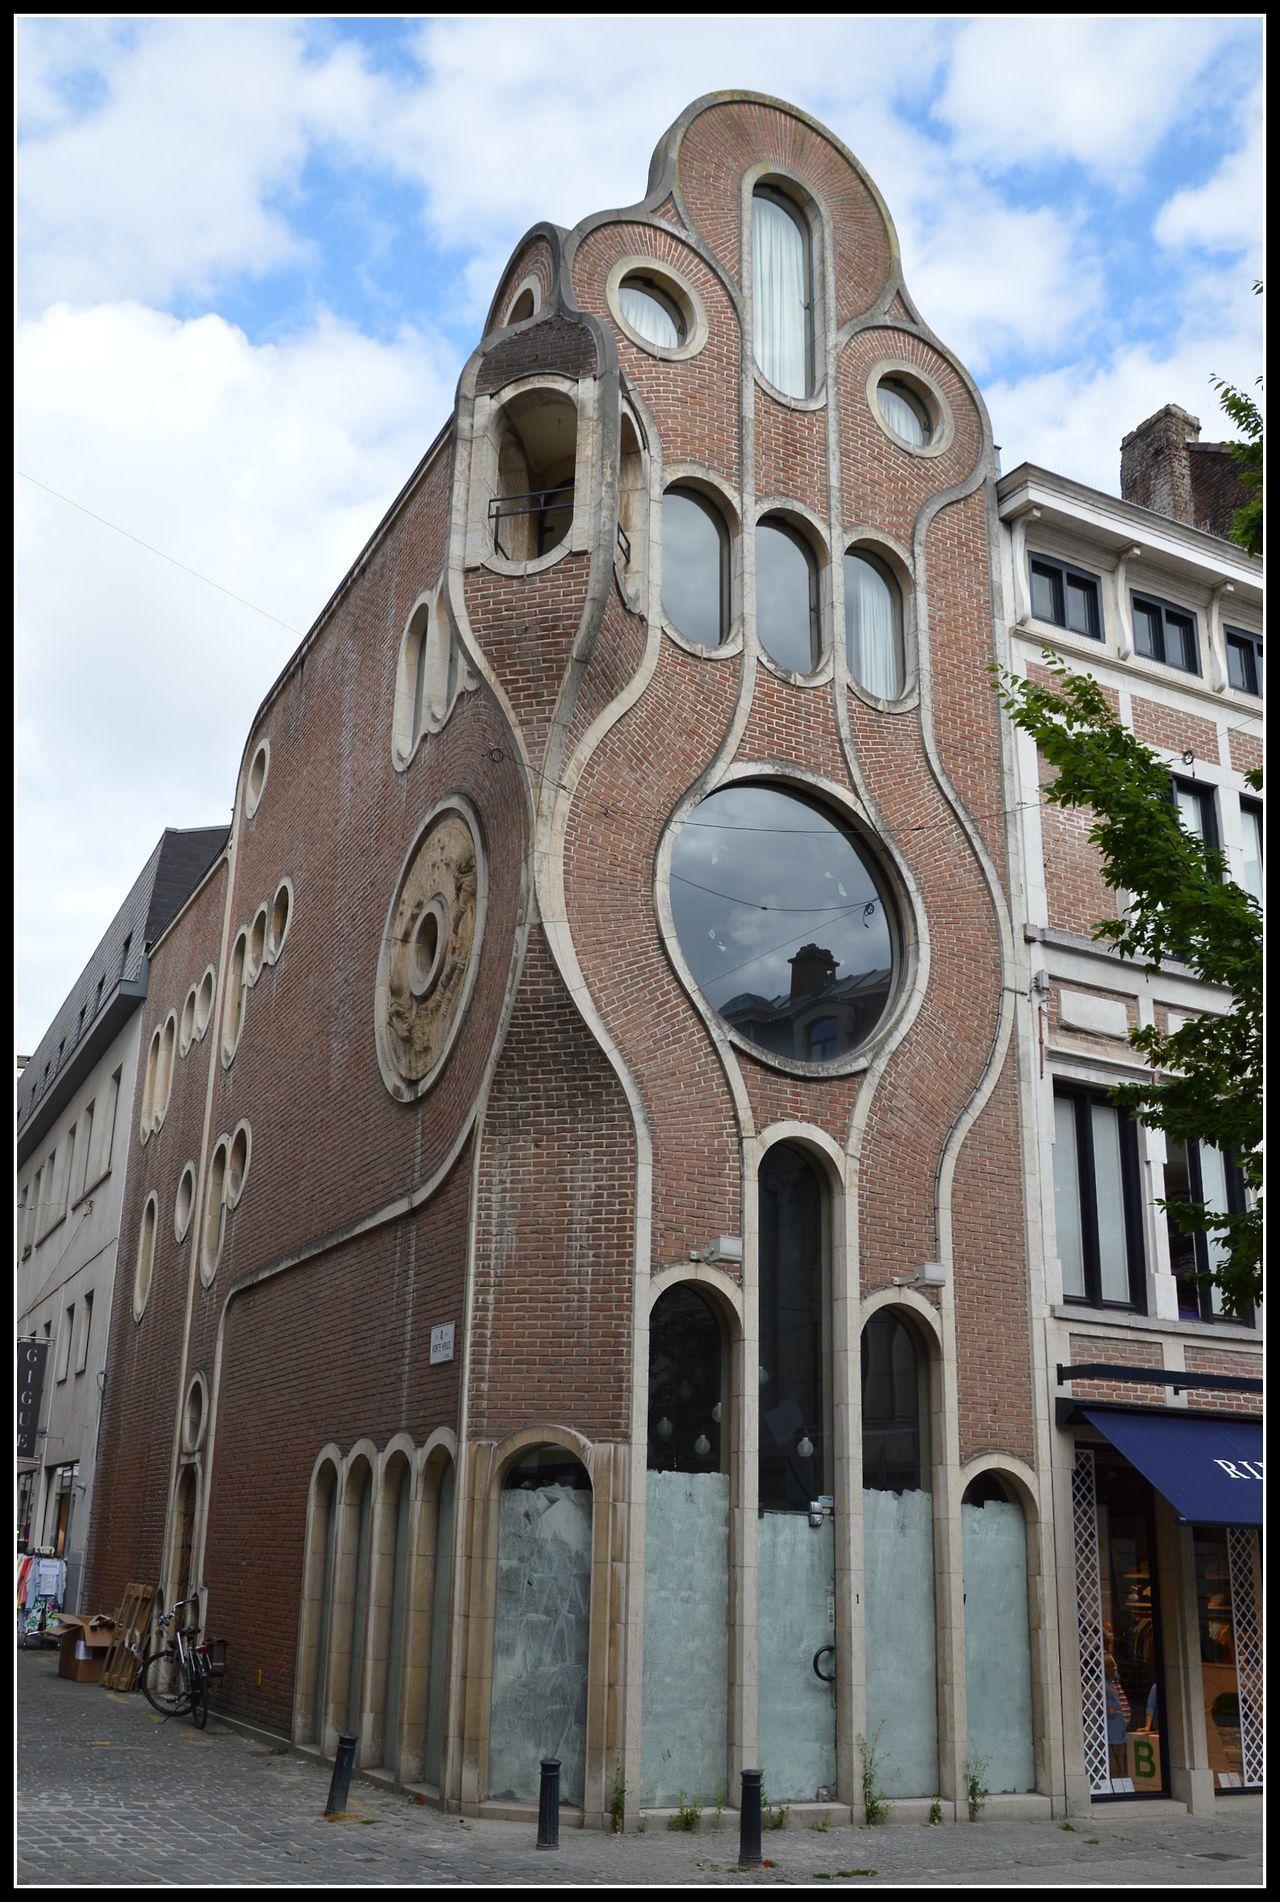 Best Kitchen Gallery: 34 Best Art Nouveau Architecture And Design Pinterest Art of Art Nouveau Architecture on rachelxblog.com